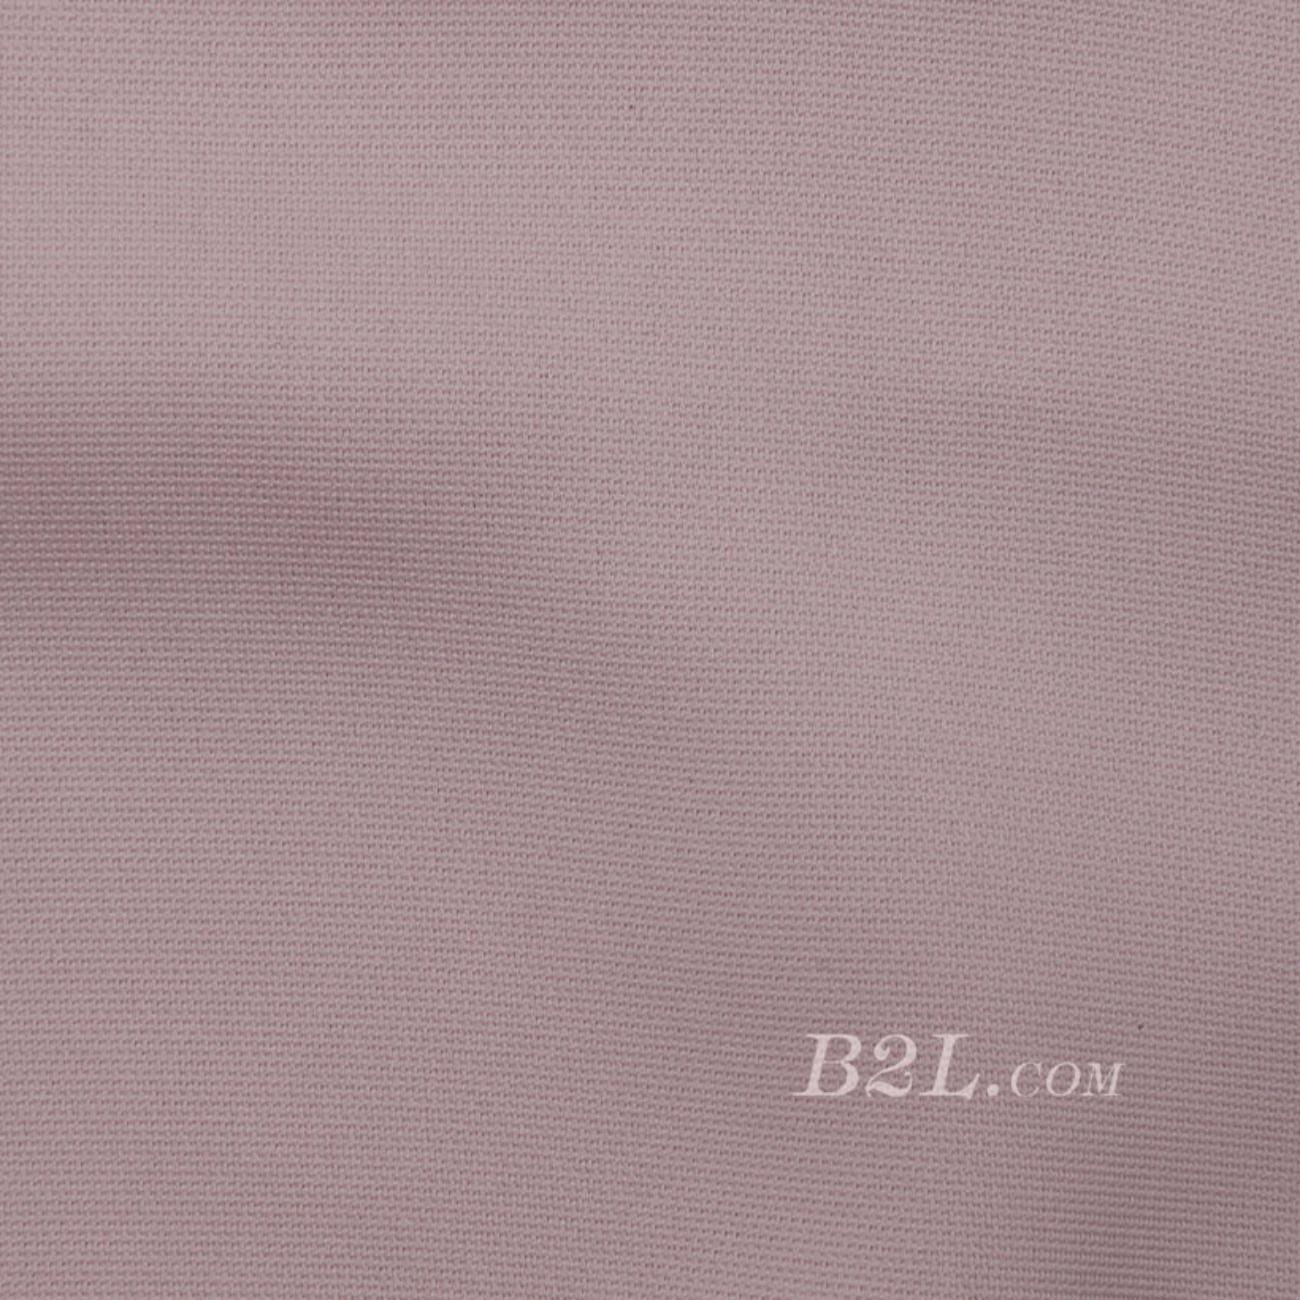 现货 素色 梭织 全涤 双面 无弹 染色 春秋 连衣裙 外套 女装 80530-17